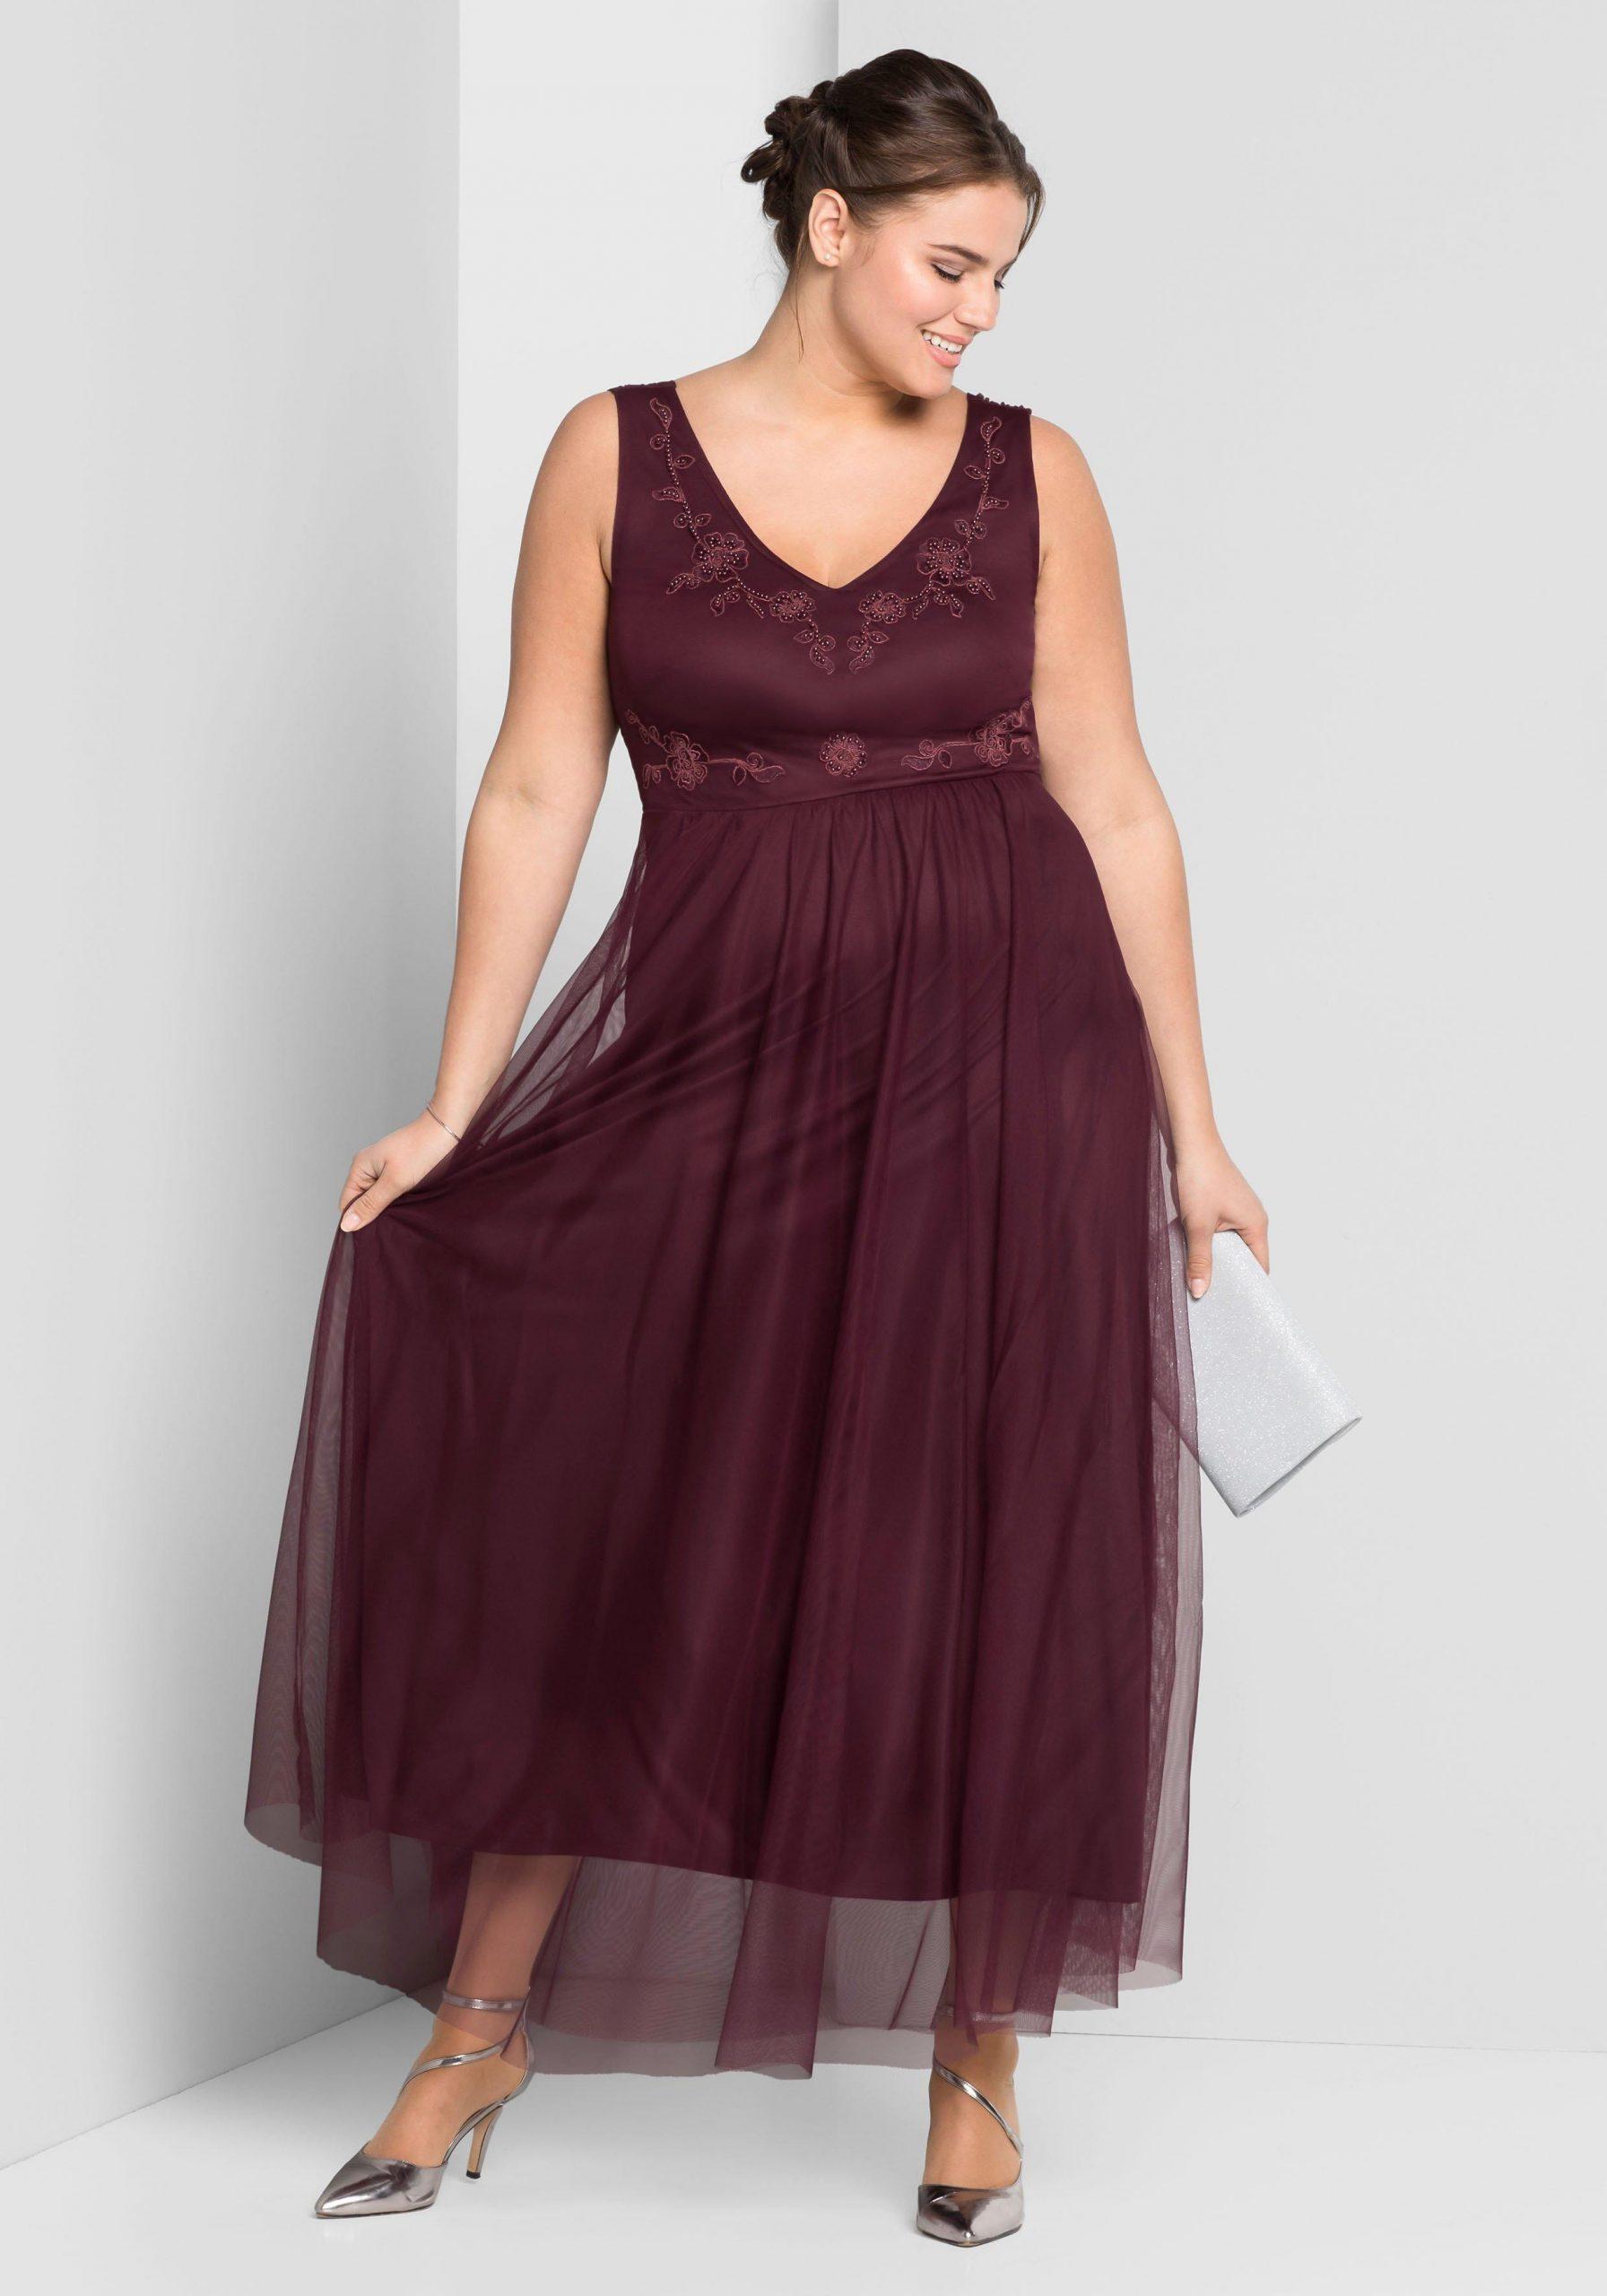 Genial Abendkleid Große Größe Boutique13 Leicht Abendkleid Große Größe Vertrieb